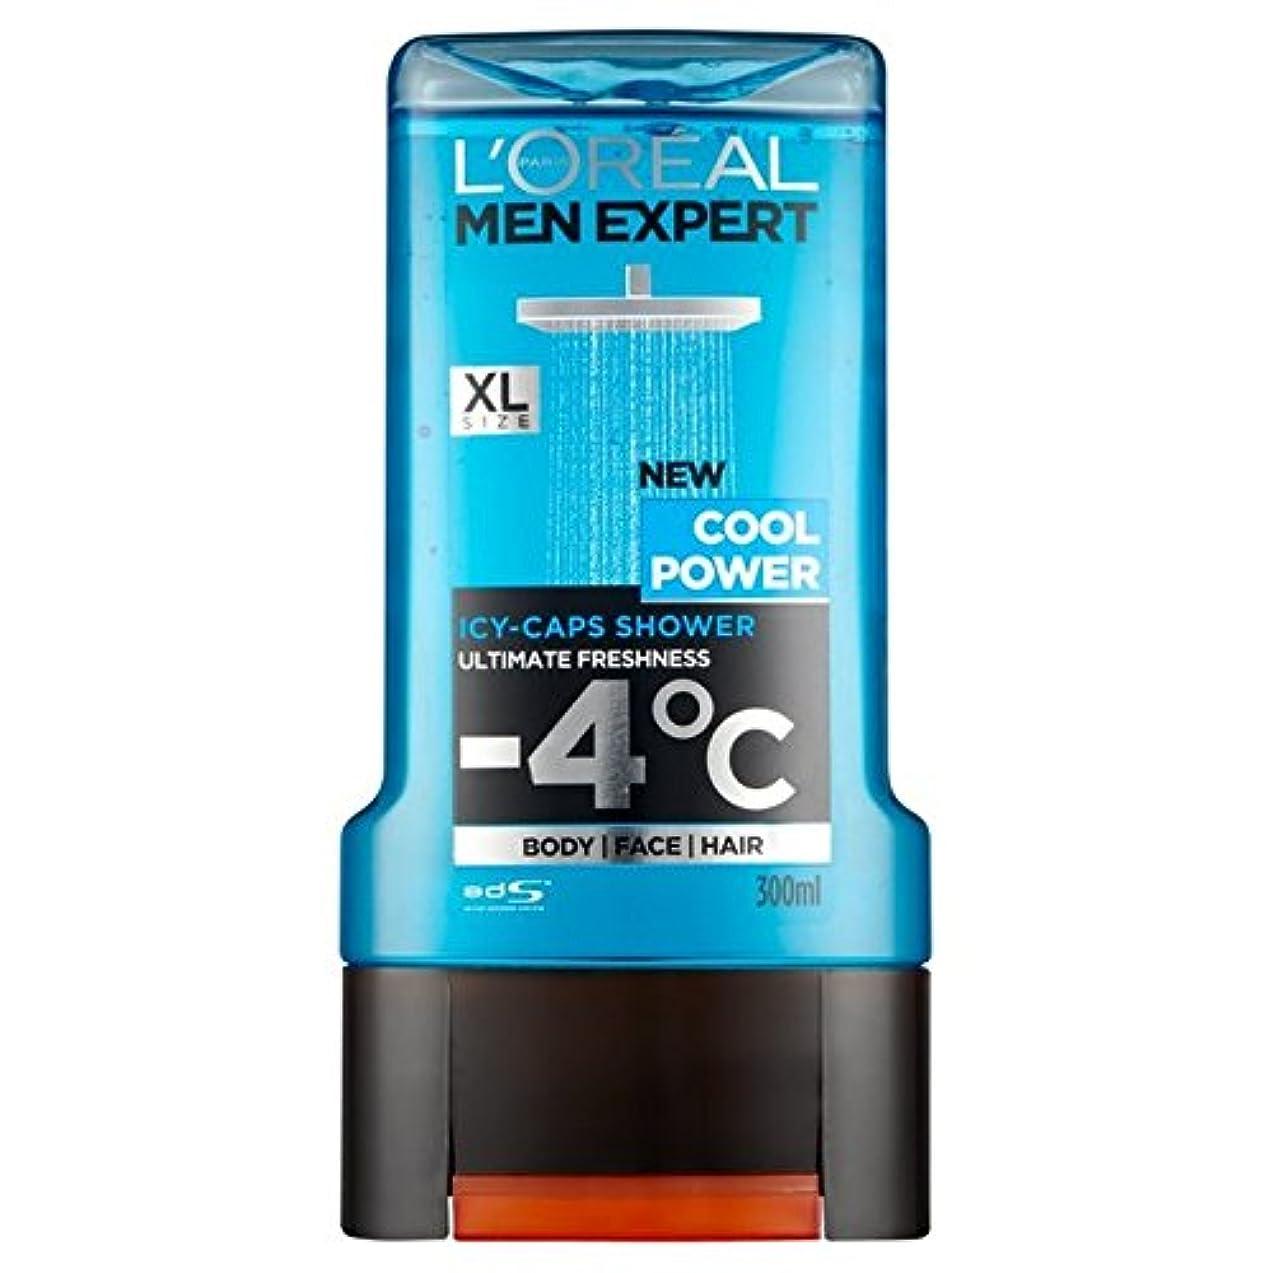 ヒロイック肉腫調停者ロレアルパリの男性の専門家のクールなパワーシャワージェル300ミリリットル x2 - L'Oreal Paris Men Expert Cool Power Shower Gel 300ml (Pack of 2) [並行輸入品]